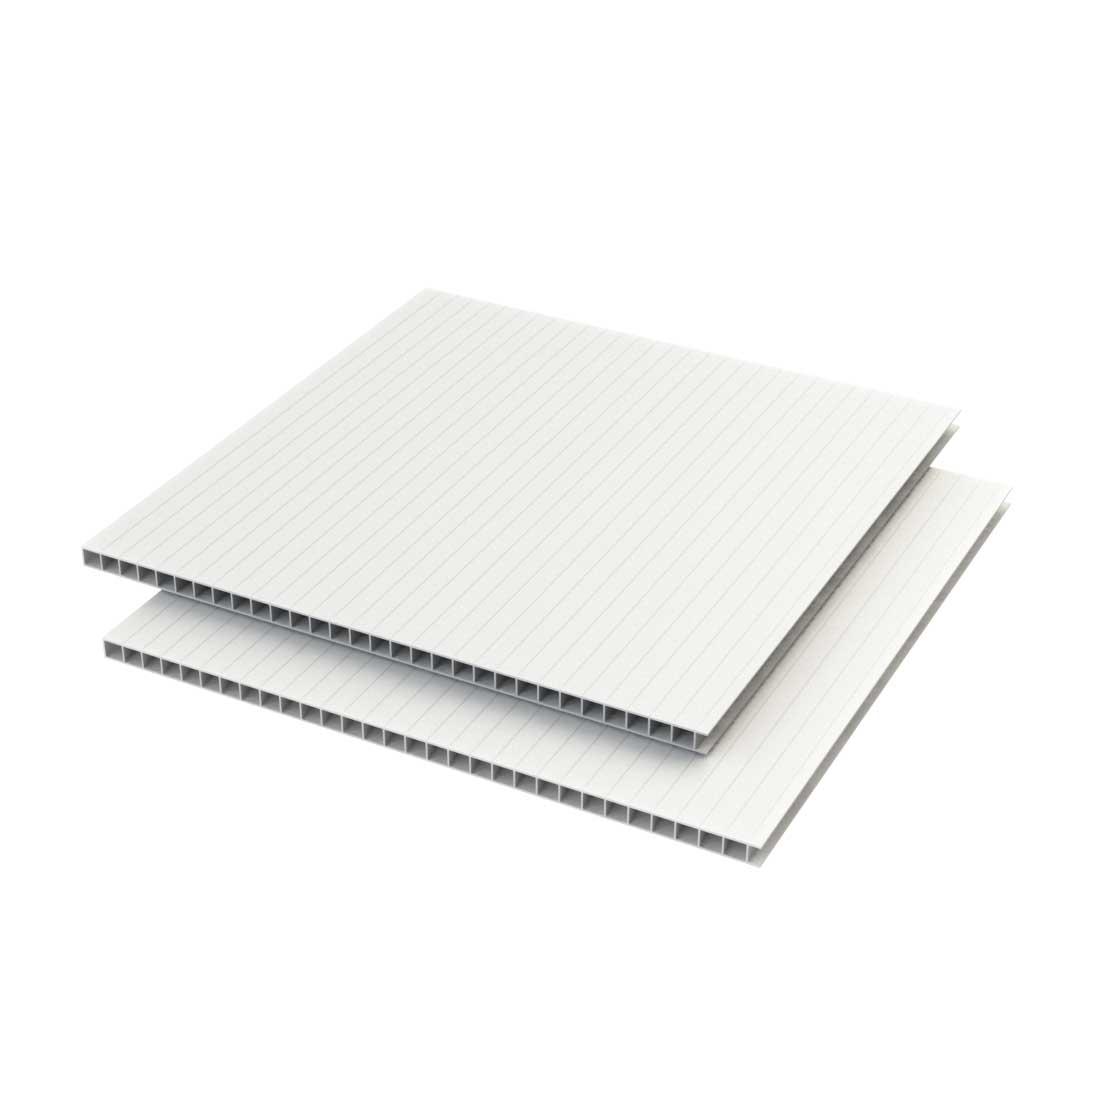 Vikuprop PP Plaat 450 gr/m2 Corona uv Wit 1410x1010x3mm